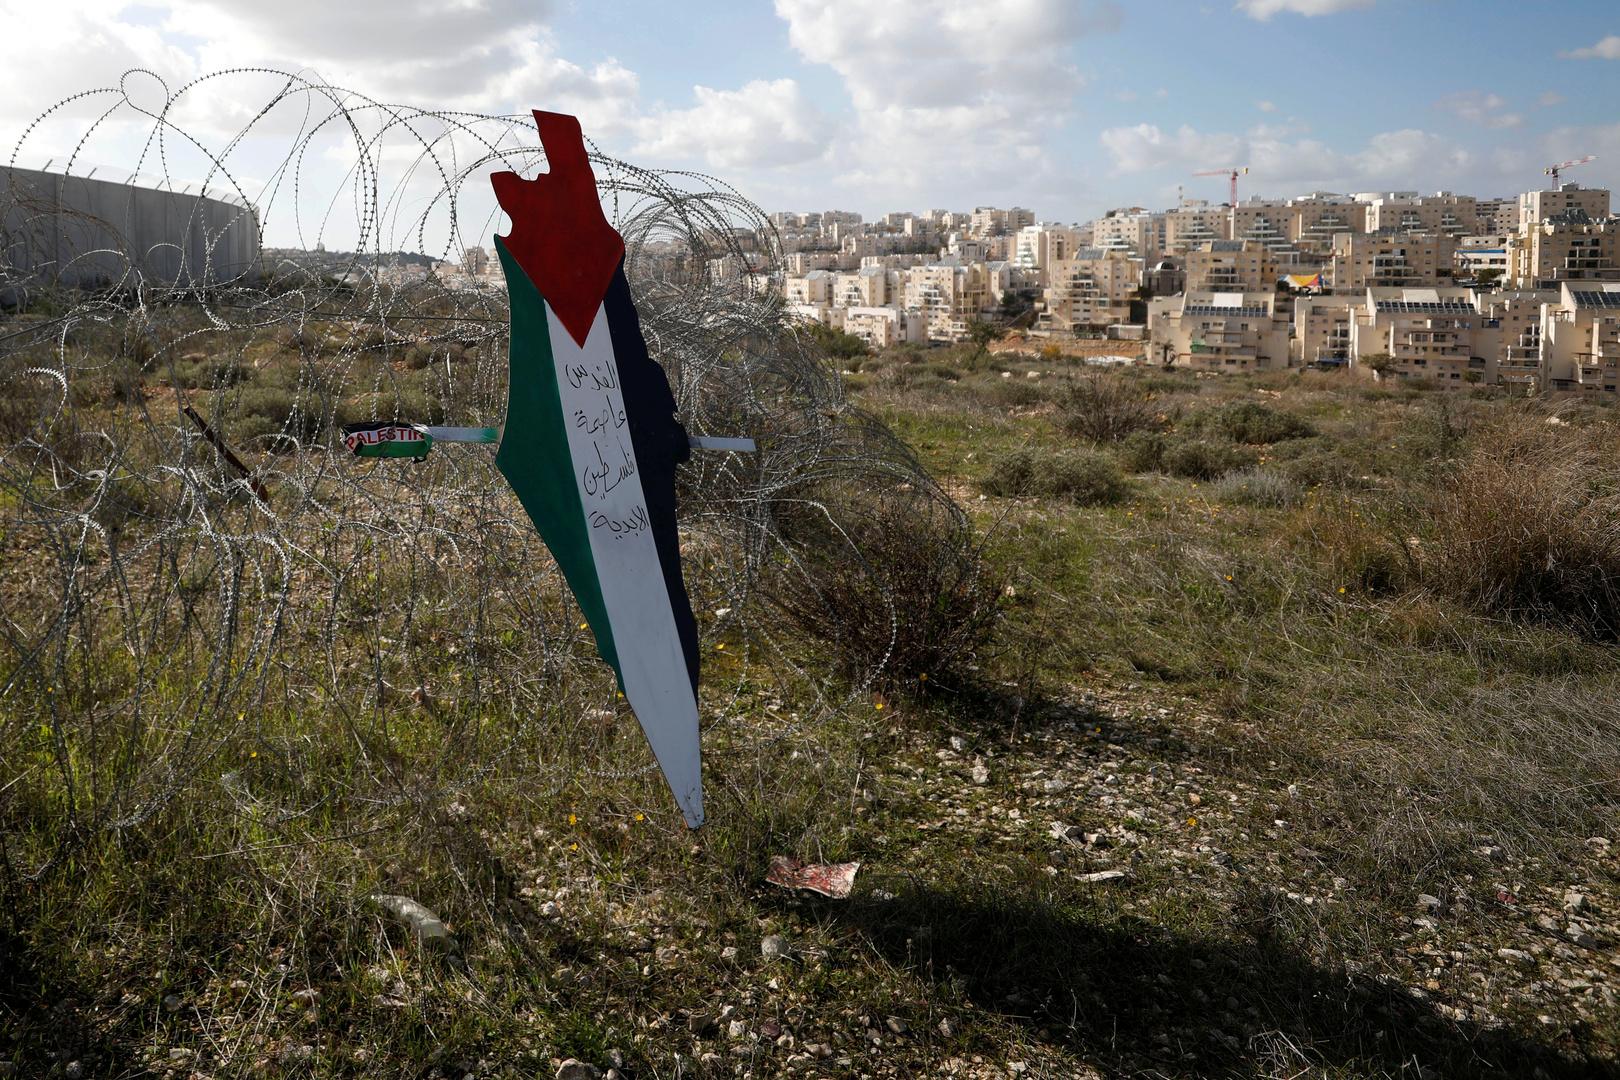 محكمة أوروبية تقر تسجيل مبادرة ضد التجارة مع المستوطنات الإسرائيلية غير القانونية